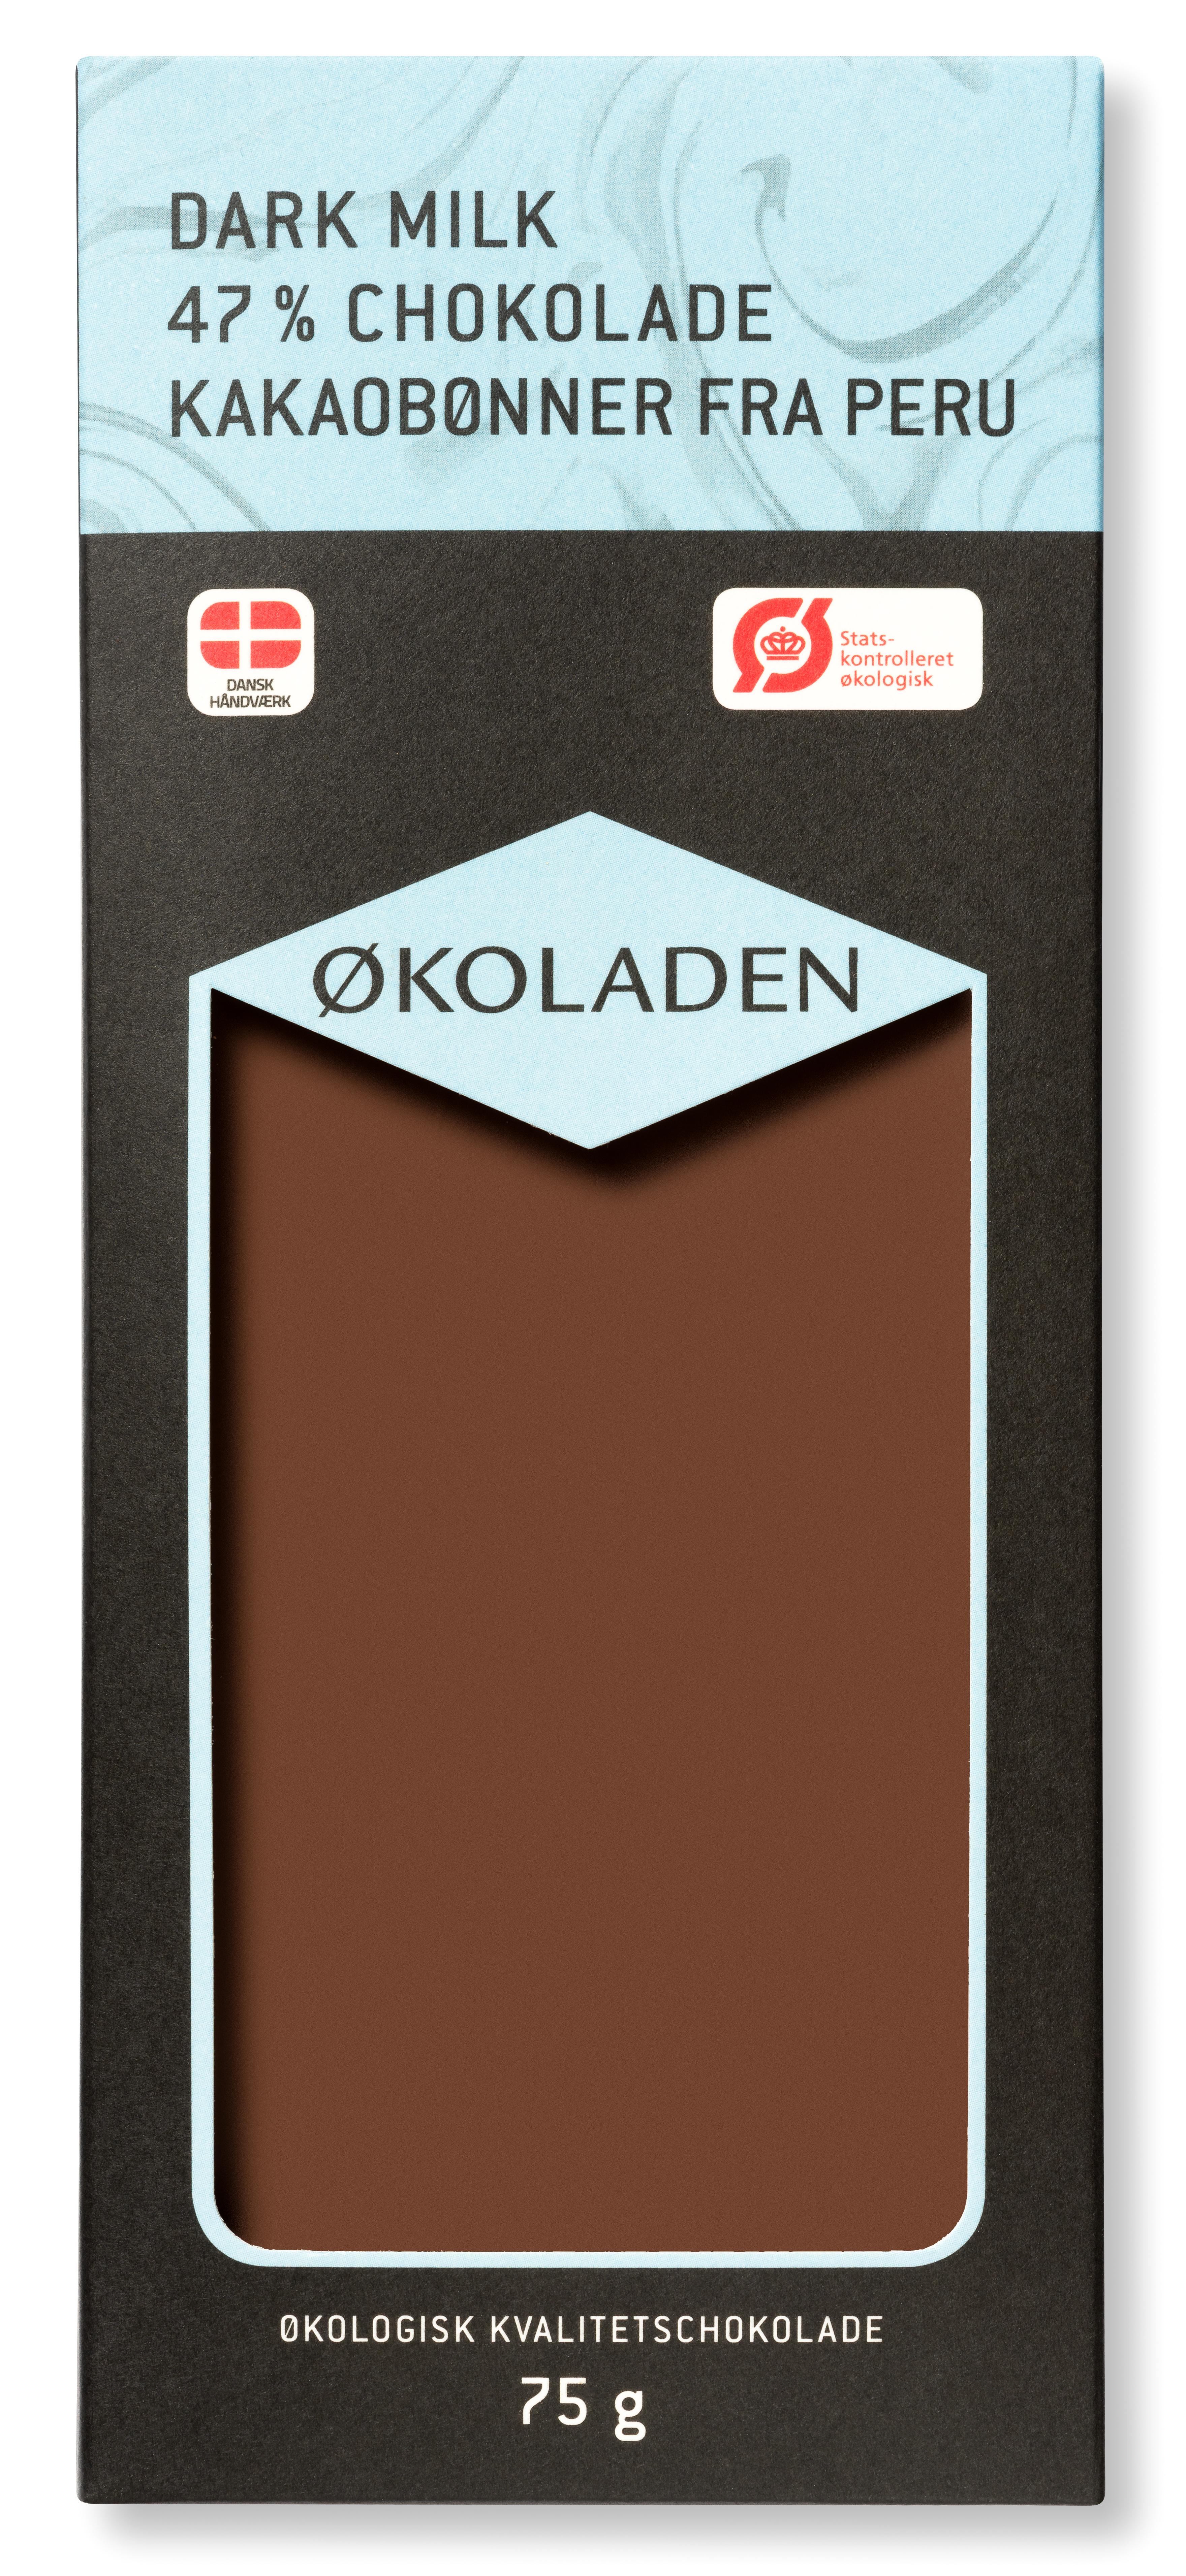 Image of   Økoladen Chokolade mørk mælk 47% Ø kakaobønner fra Peru - 75 G